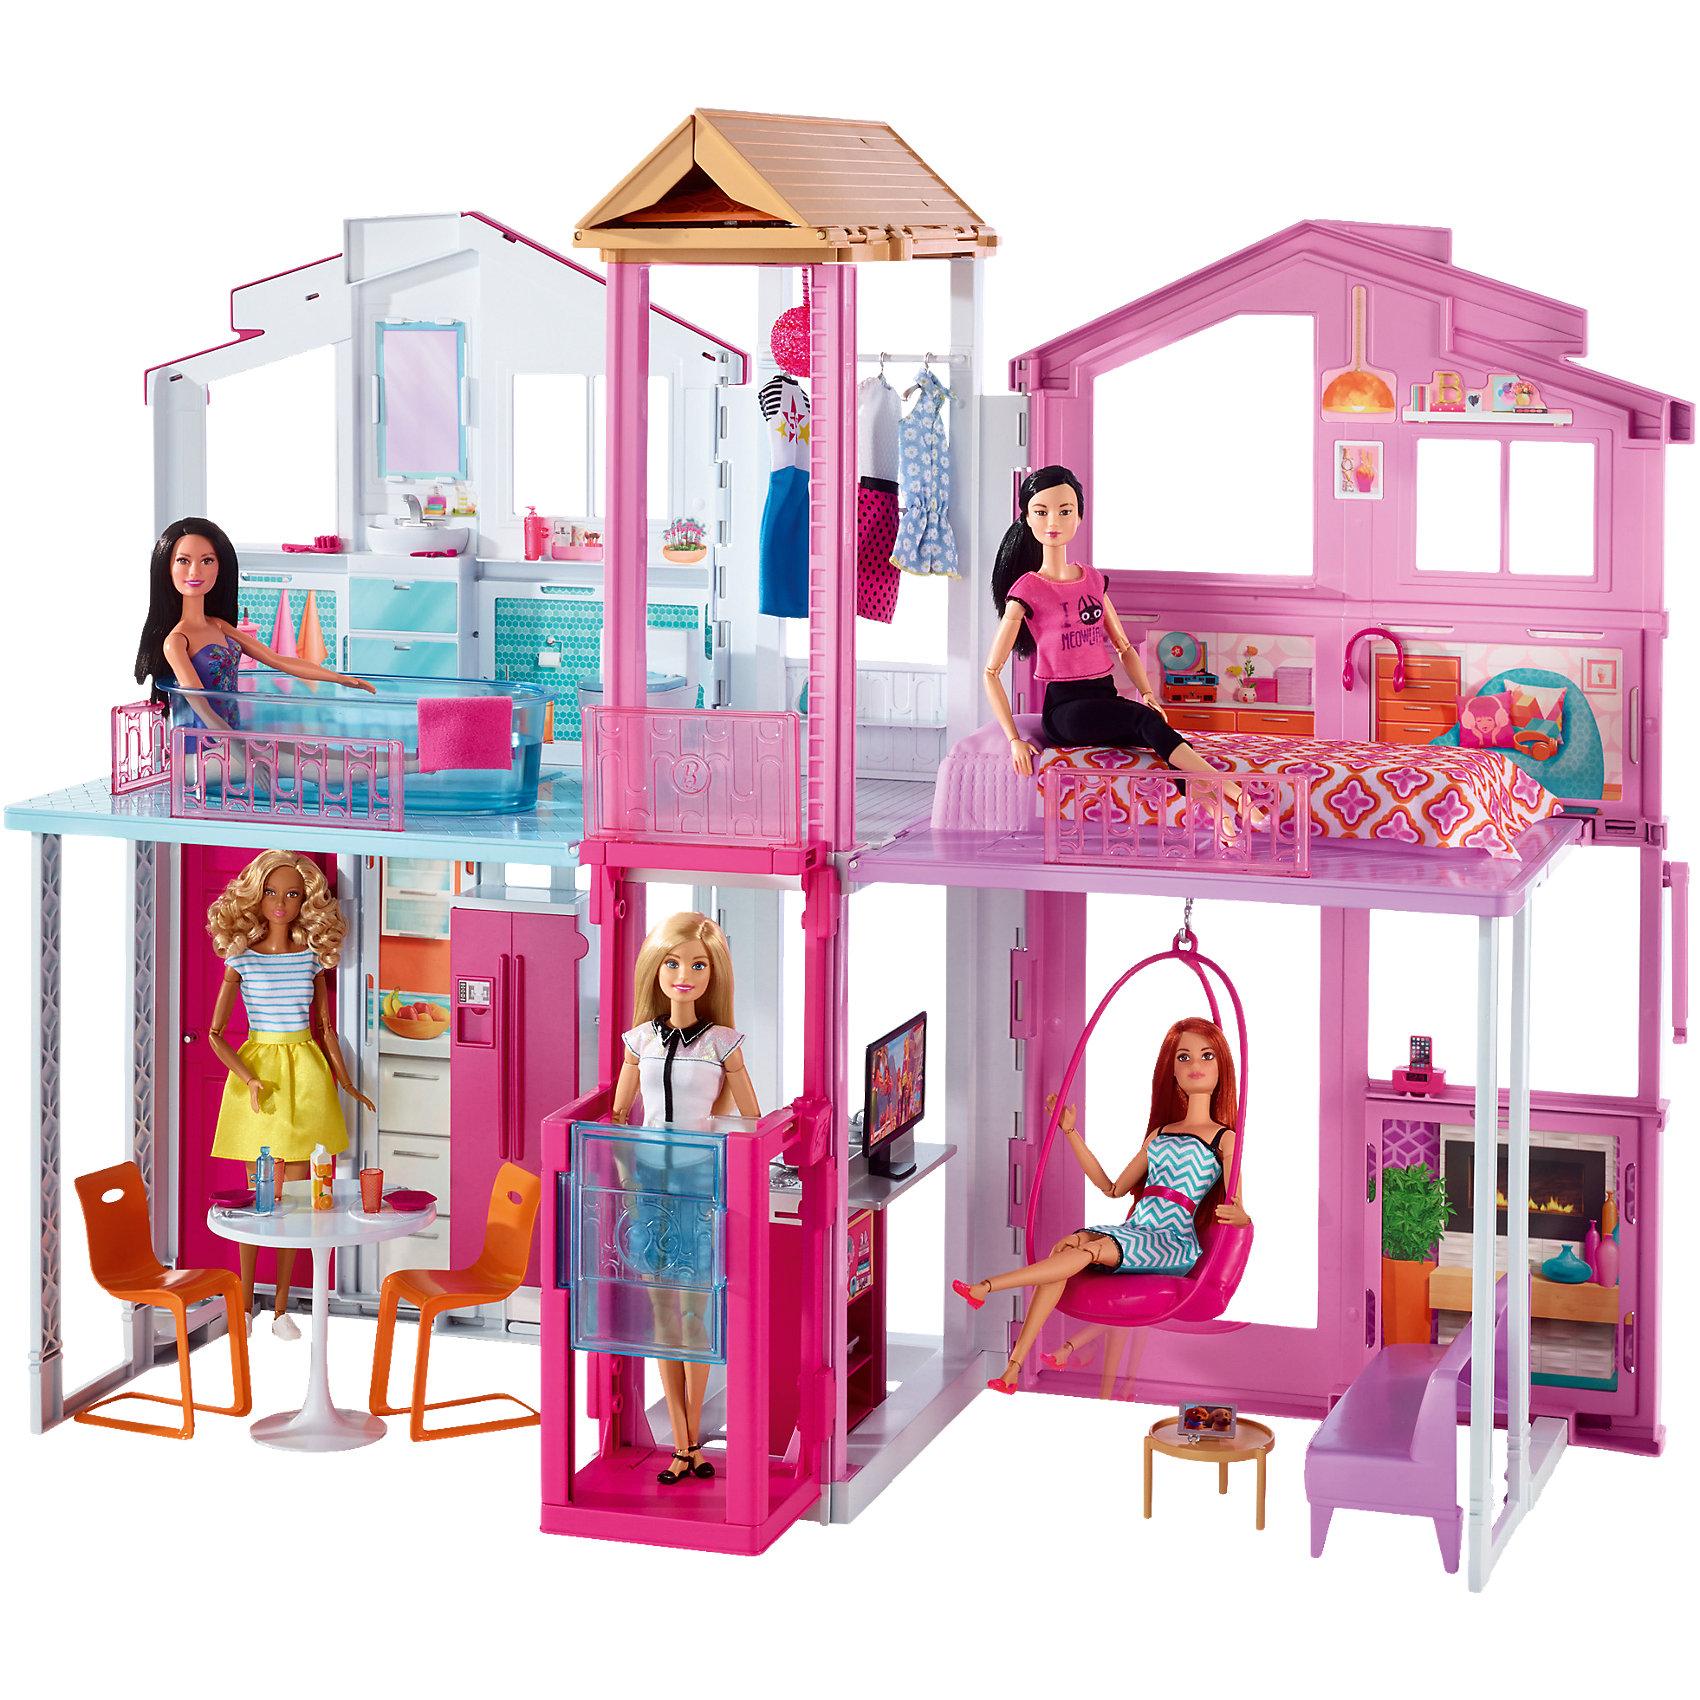 Городской дом Малибу, BarbieИгрушечные домики и замки<br>Городской дом Малибу для Barbie состоит из двух этажей. На первом этаже находятся кухня и гостиная, на втором - ванная комната и спальня. Крышу дома украшает красивый складной зонт. Этажи соединены лифтом, на котором можно поднять и спустить куклу. Вся мебель выполнена в современном стиле. В набор входит мебель, бытовая техника и аксессуары. Домик очень компактный и занимает мало места в сложенном виде Подарите девочке роскошный дом для любимой куклы!<br><br>Дополнительная информация:<br>В наборе: дом, лифт, мебель, техника, аксессуары<br>Материал: пластик<br>Размер упаковки: 40,5х19,5х72,5 см<br>Вес: 4,749 кг<br>Необходимы 3 батарейки типа ААА для лифта<br>Кукла в комплект не входит<br><br>Городской дом Малибу Barbie вы можете купить в нашем интернет-магазине.<br><br>Ширина мм: 729<br>Глубина мм: 413<br>Высота мм: 203<br>Вес г: 5028<br>Возраст от месяцев: 36<br>Возраст до месяцев: 72<br>Пол: Женский<br>Возраст: Детский<br>SKU: 4765314